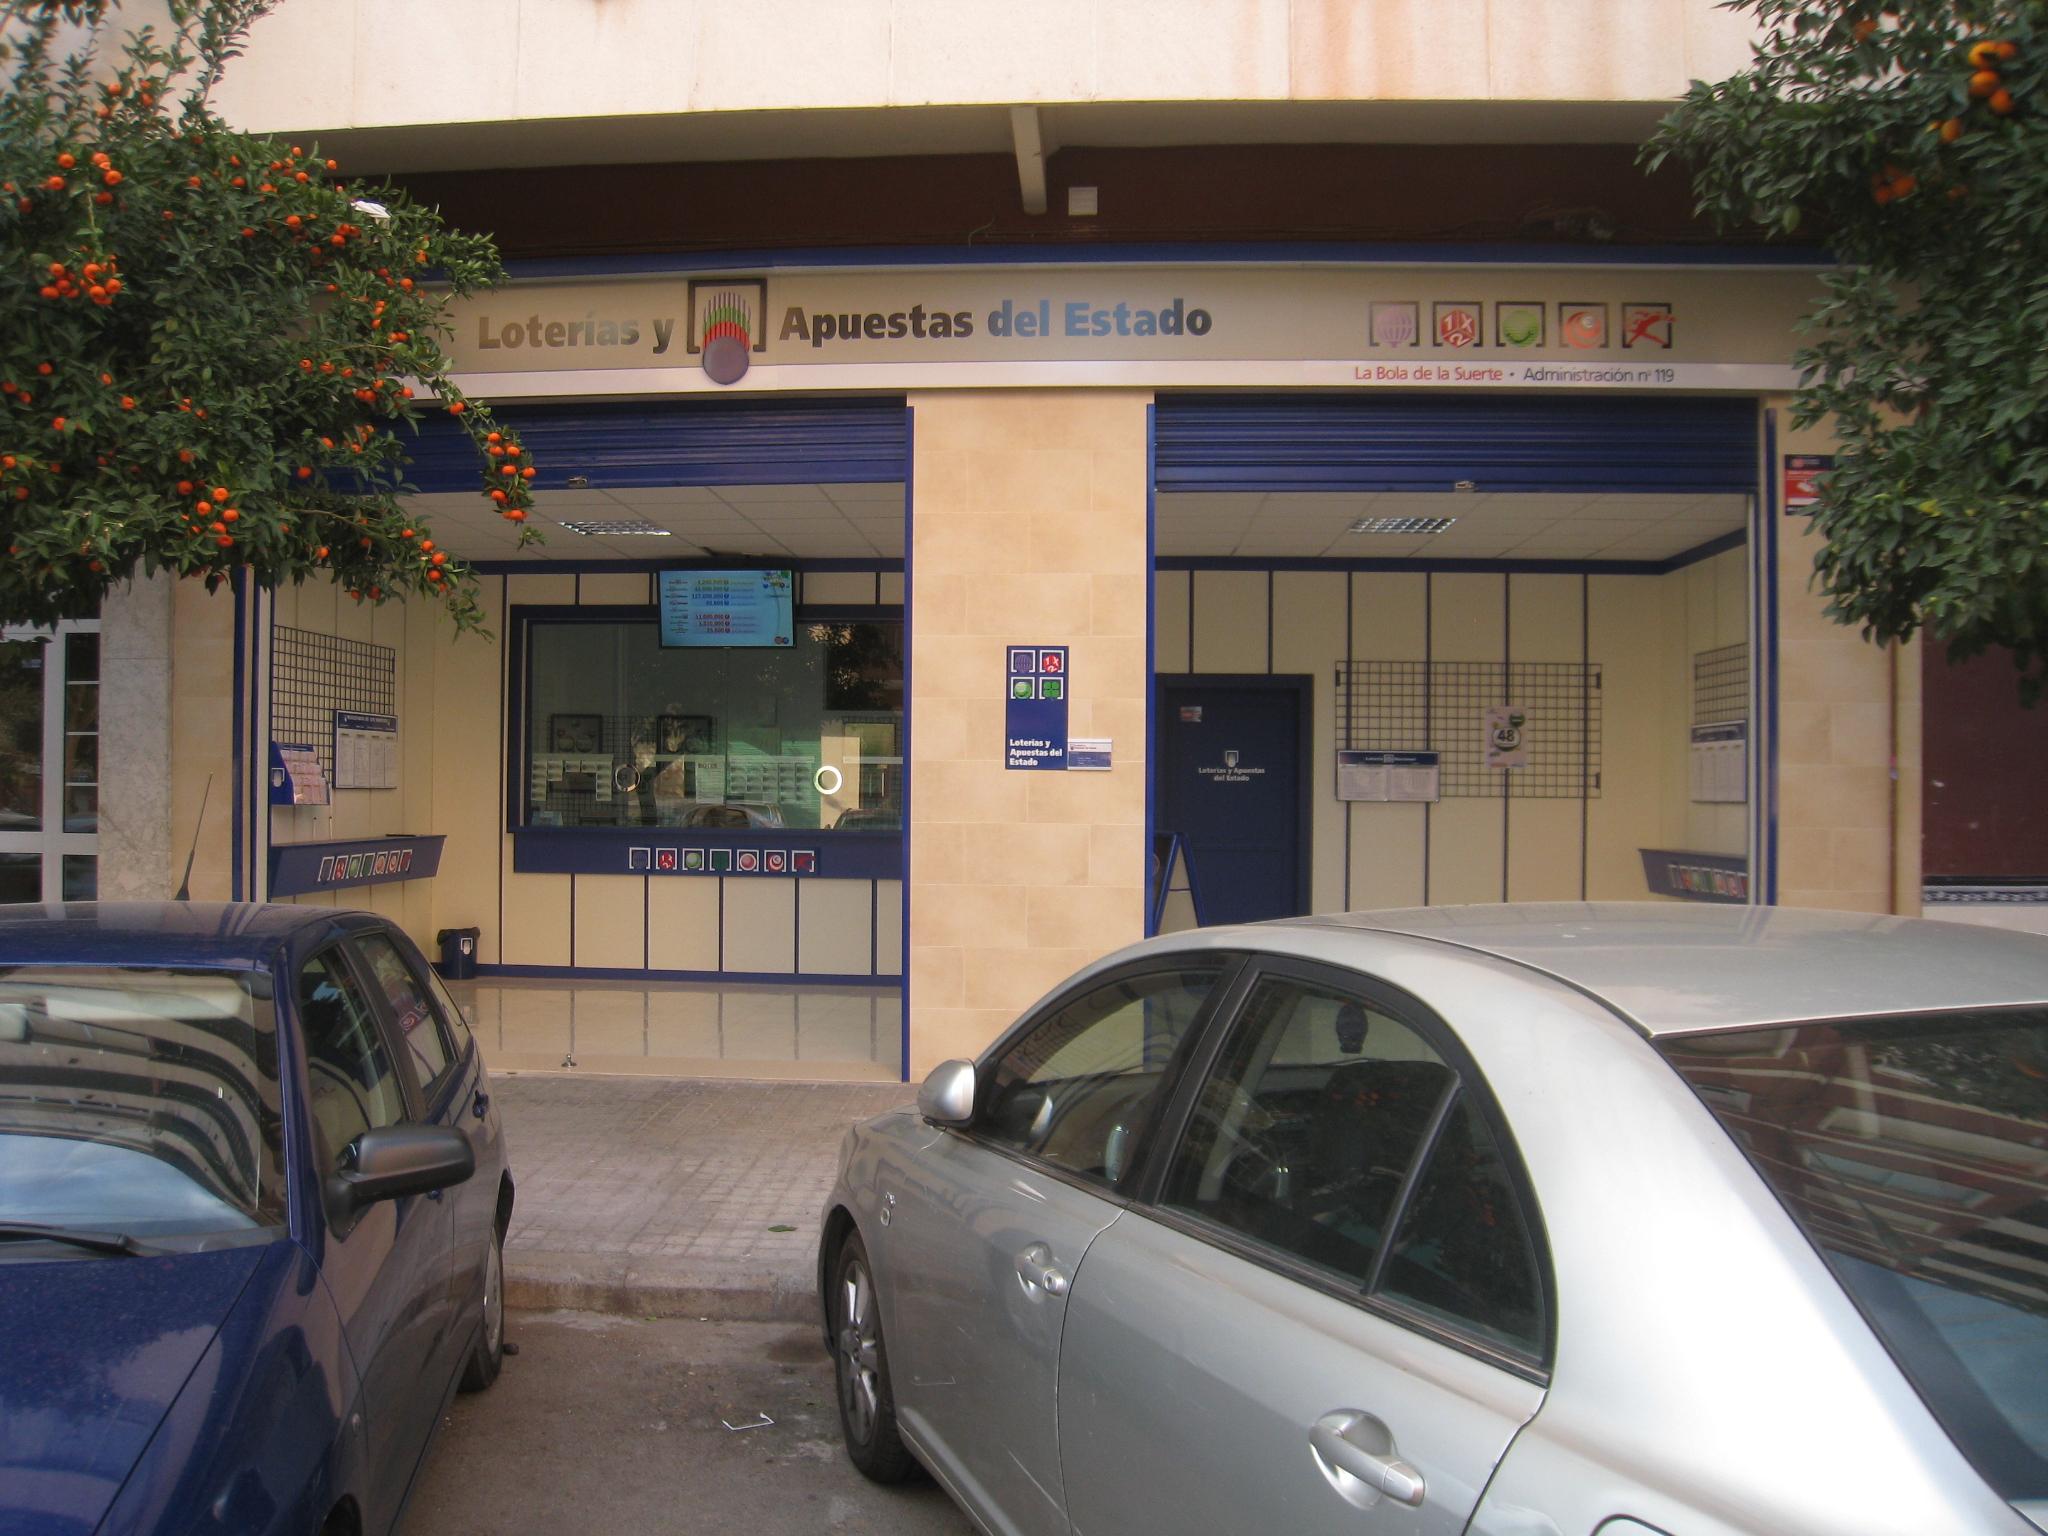 El Euromillón del Viernes envía 209.000 de euros a Valencia por un boleto acertado